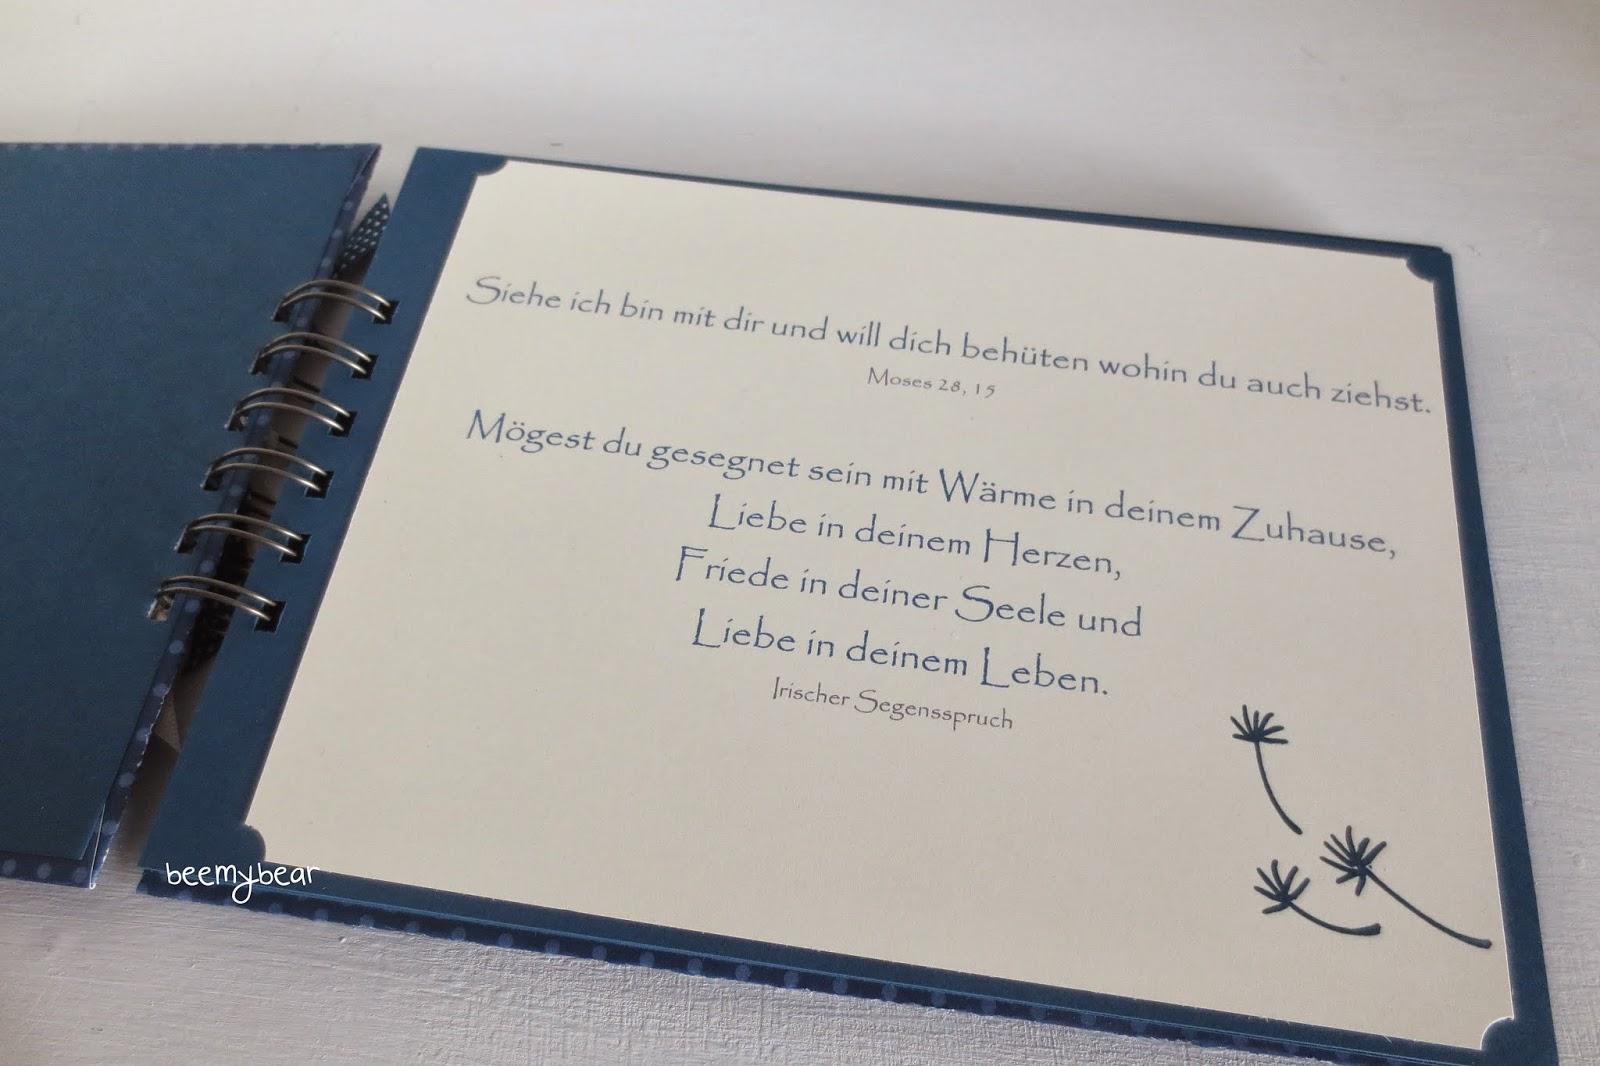 Großzügig Gästebuch Template Bilder - FORTSETZUNG ARBEITSBLATT ...